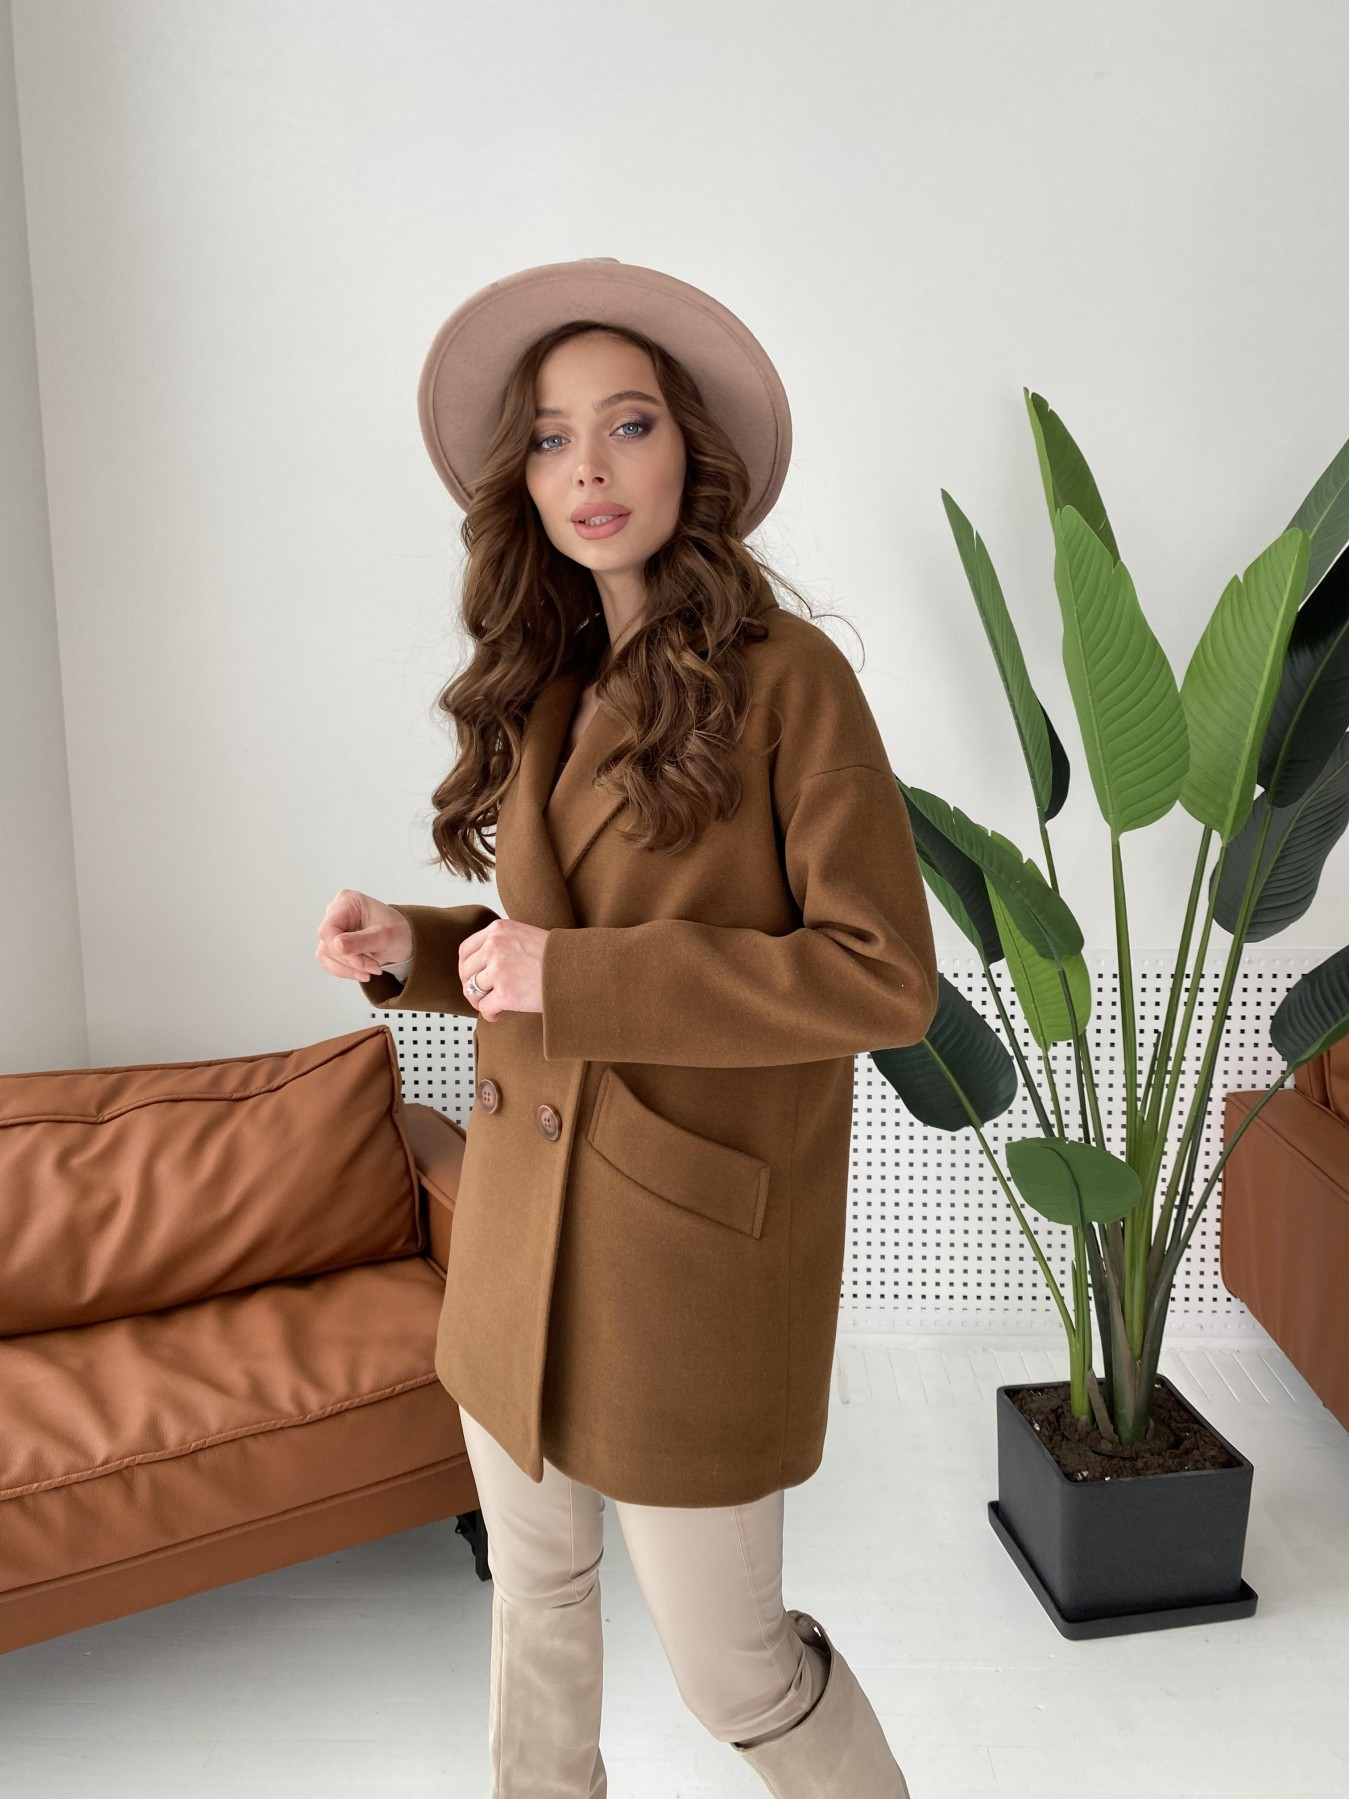 Бонд пальто кашемировое на трикотаже 10642 АРТ. 47008 Цвет: Шоколад - фото 1, интернет магазин tm-modus.ru